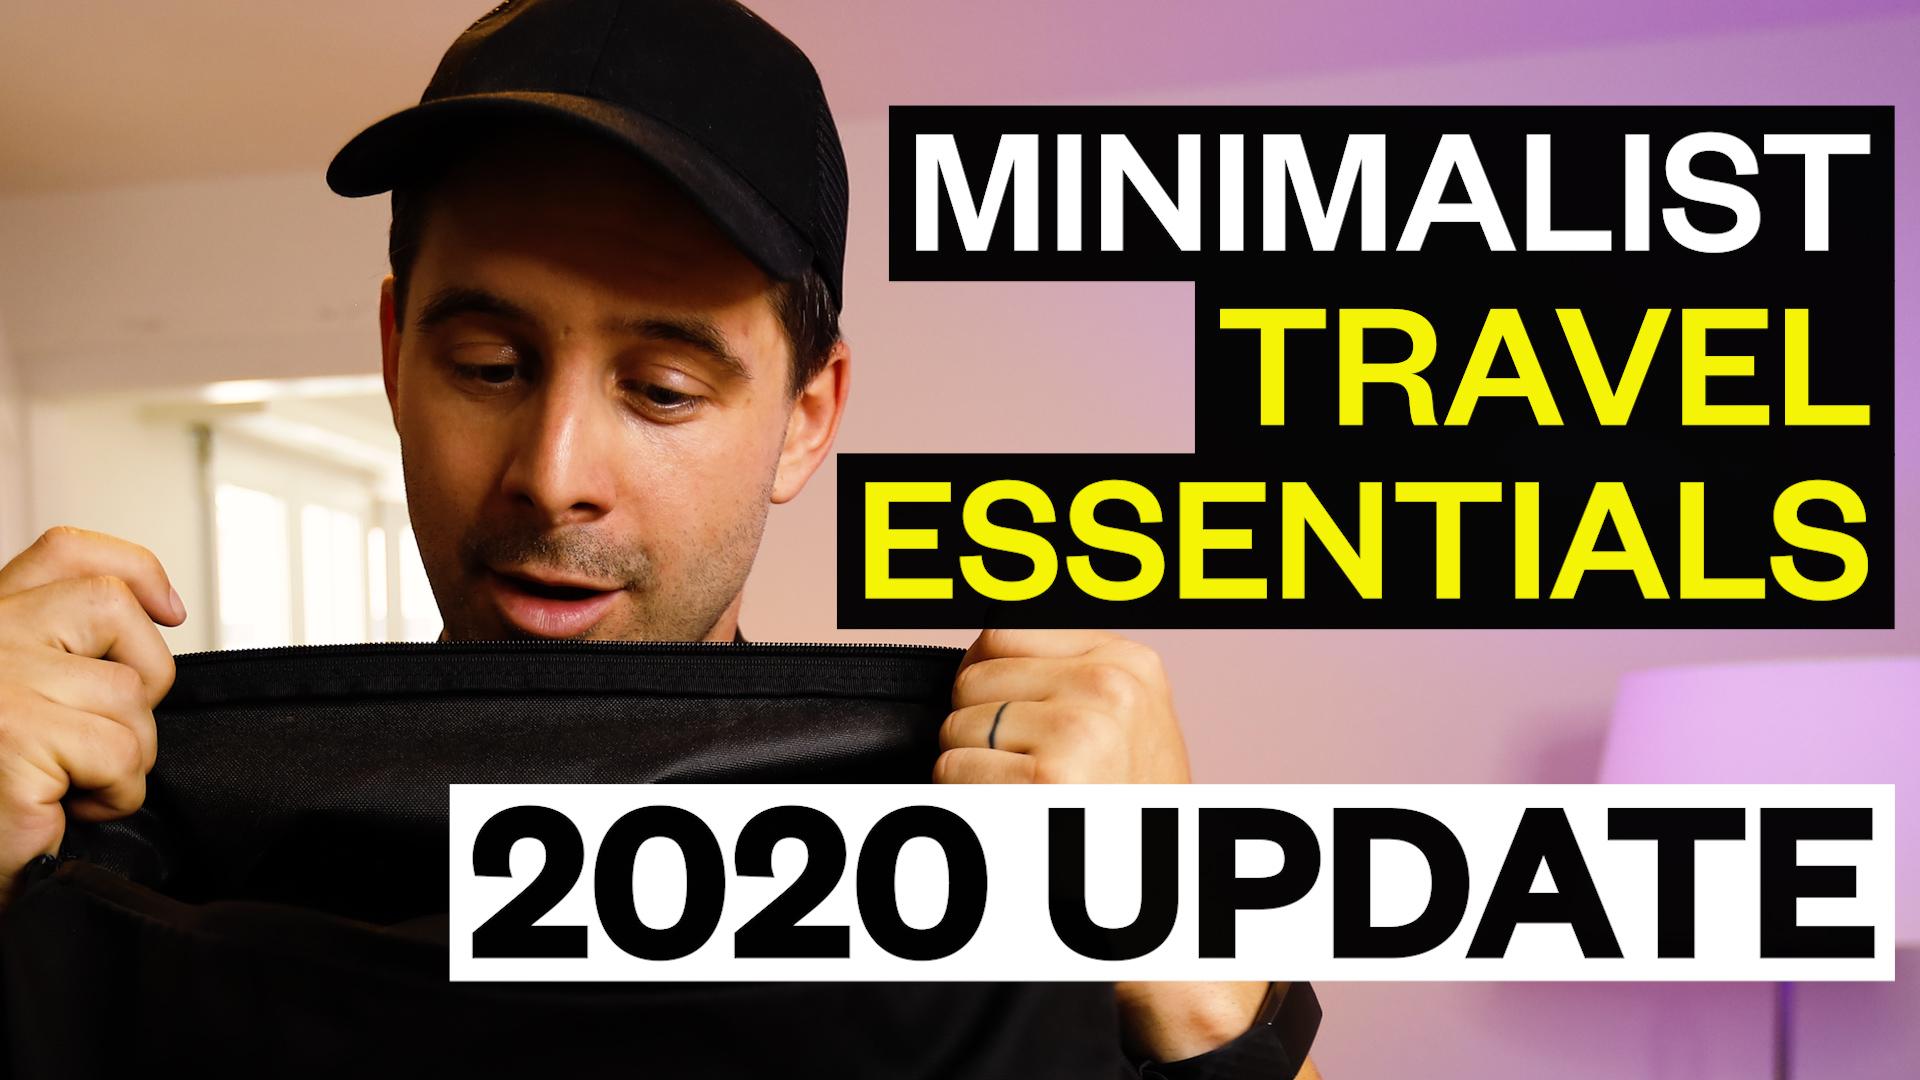 Minimalist Travel Essentials - 2020 Update